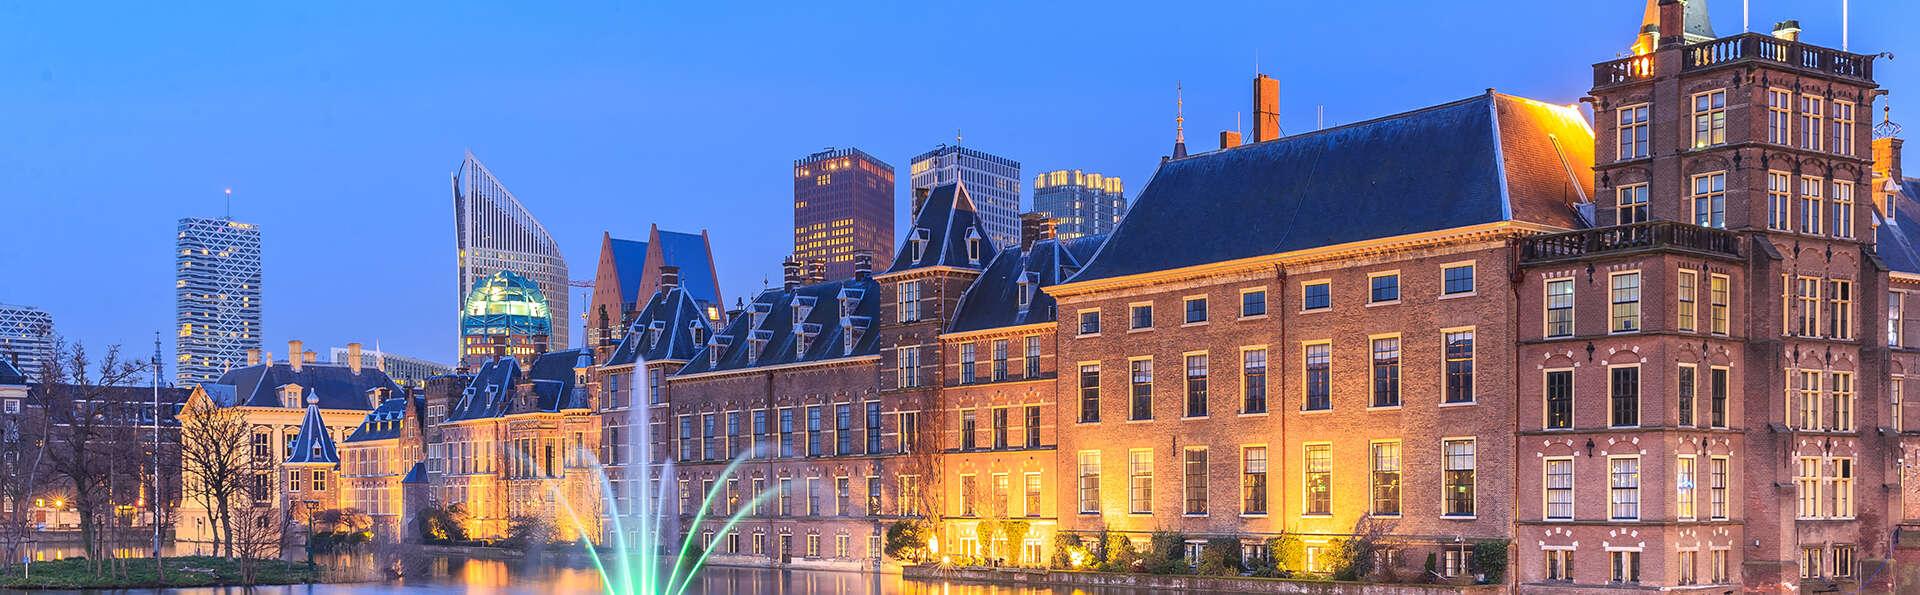 Découvrez La Haye et profitez du luxe d'un 5 étoiles (petit-déjeuner compris)